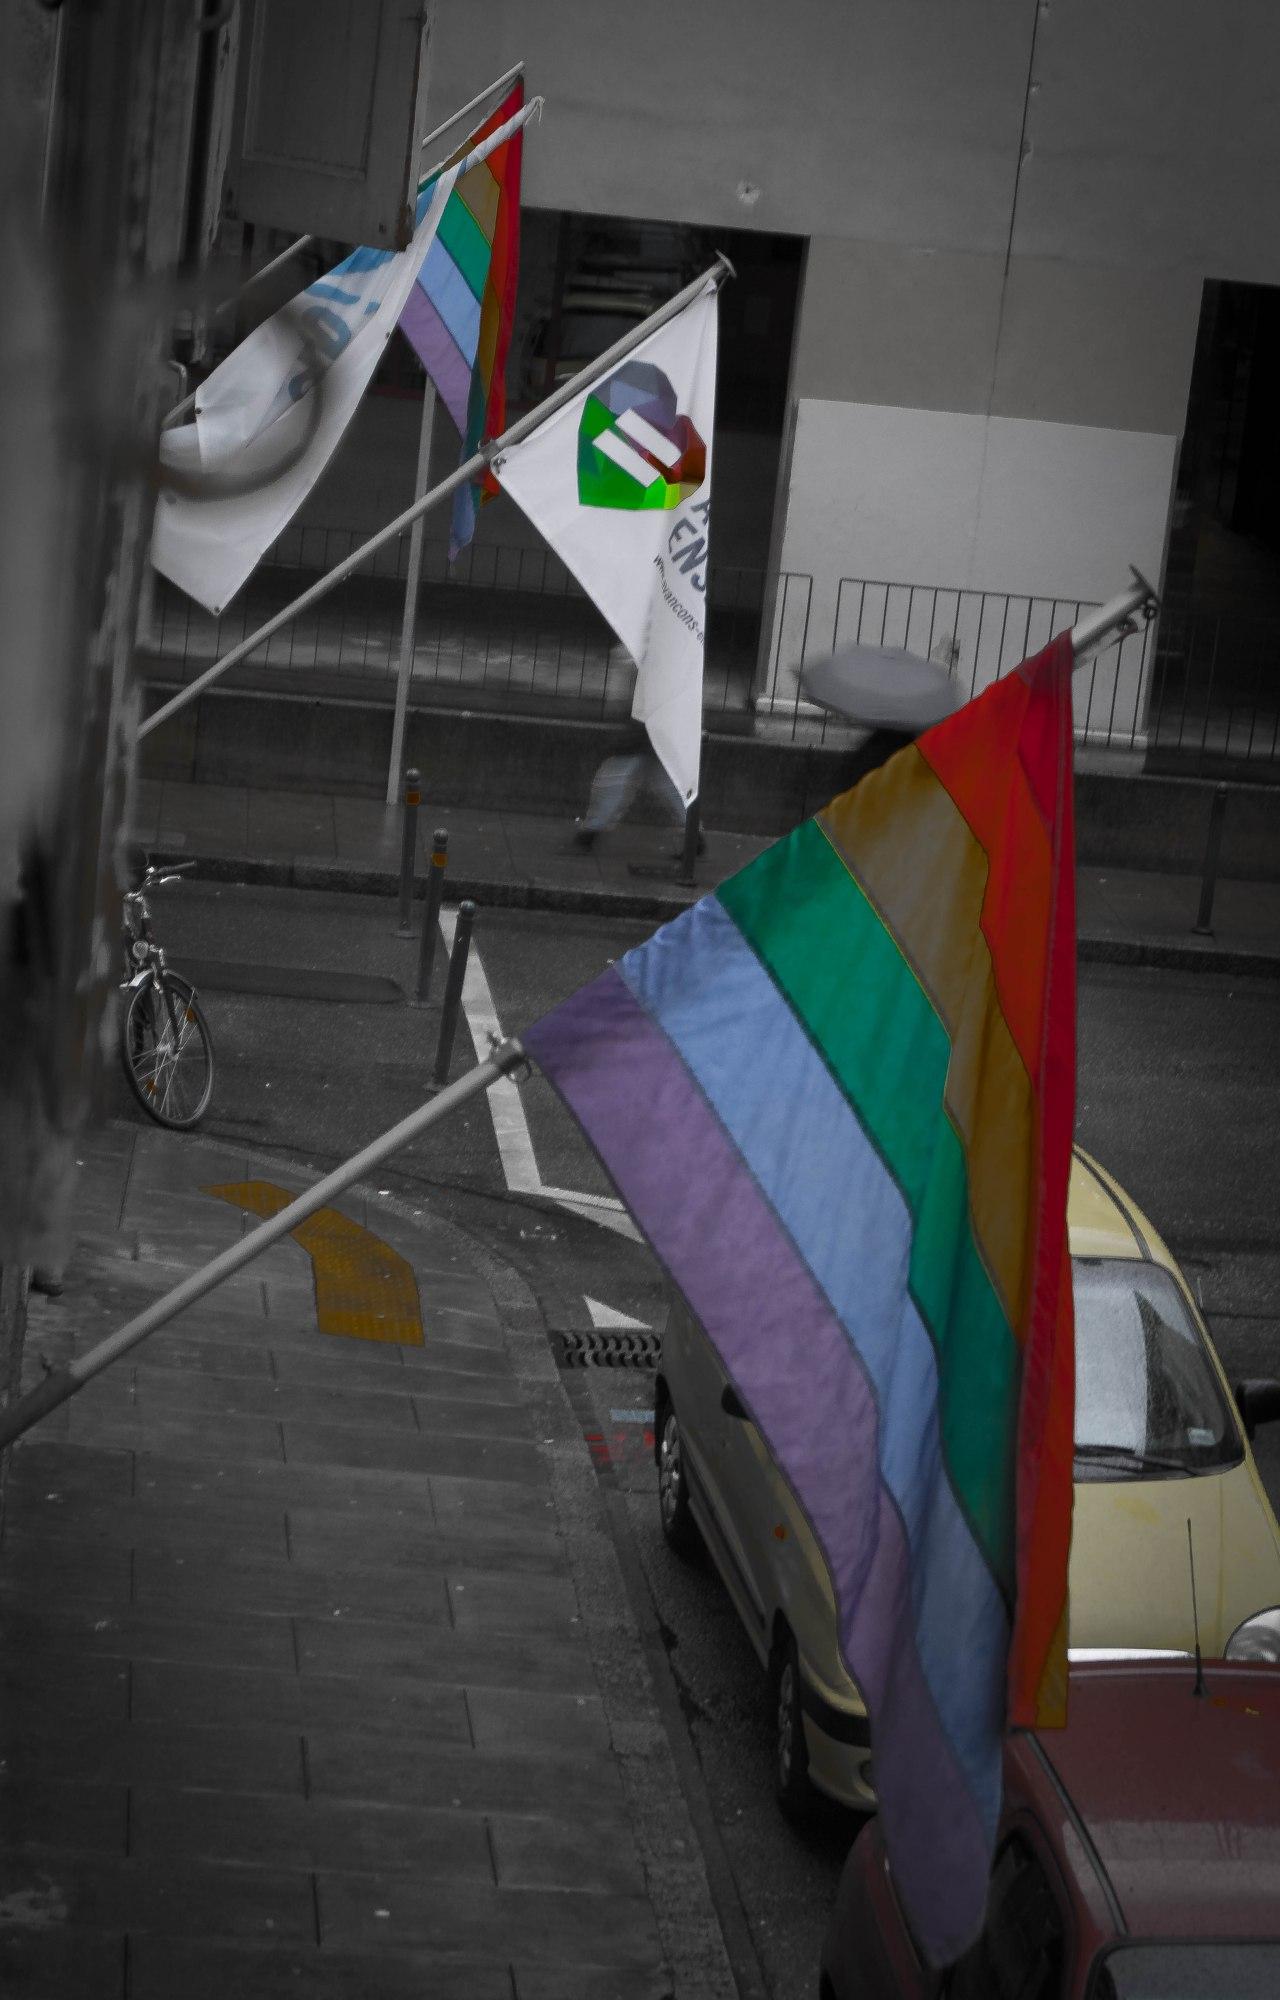 LGBTIQ LGBT gay trans bi lesbienne orientation sexuel sexualité genre identié conseil écoute problème difficulté gay friendly